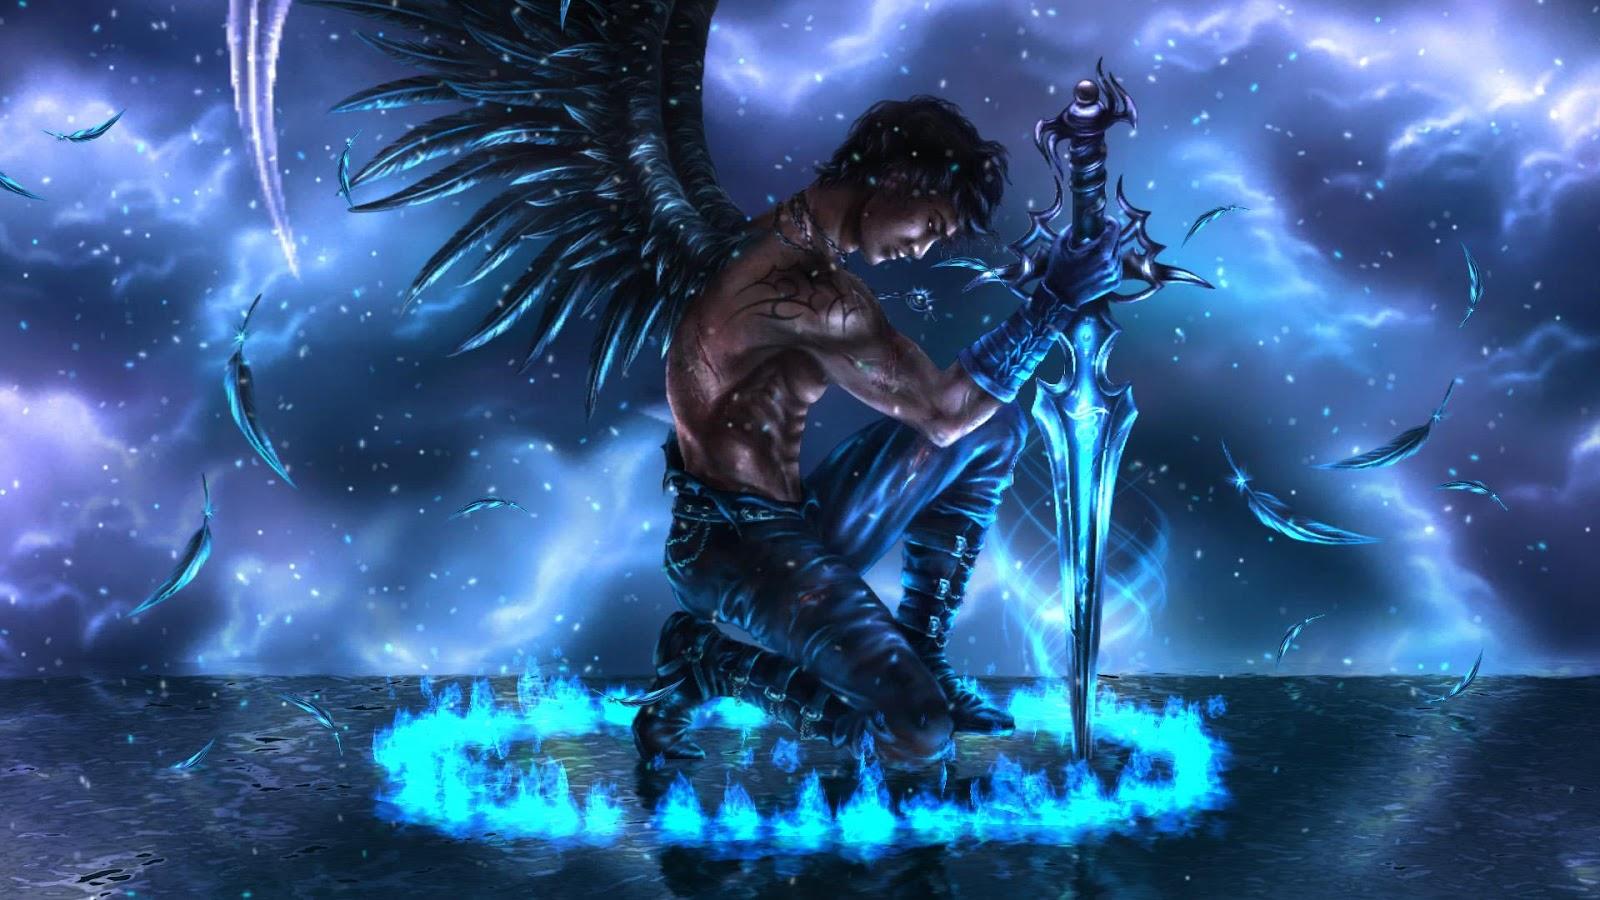 Blue Magic Mystic Dragons